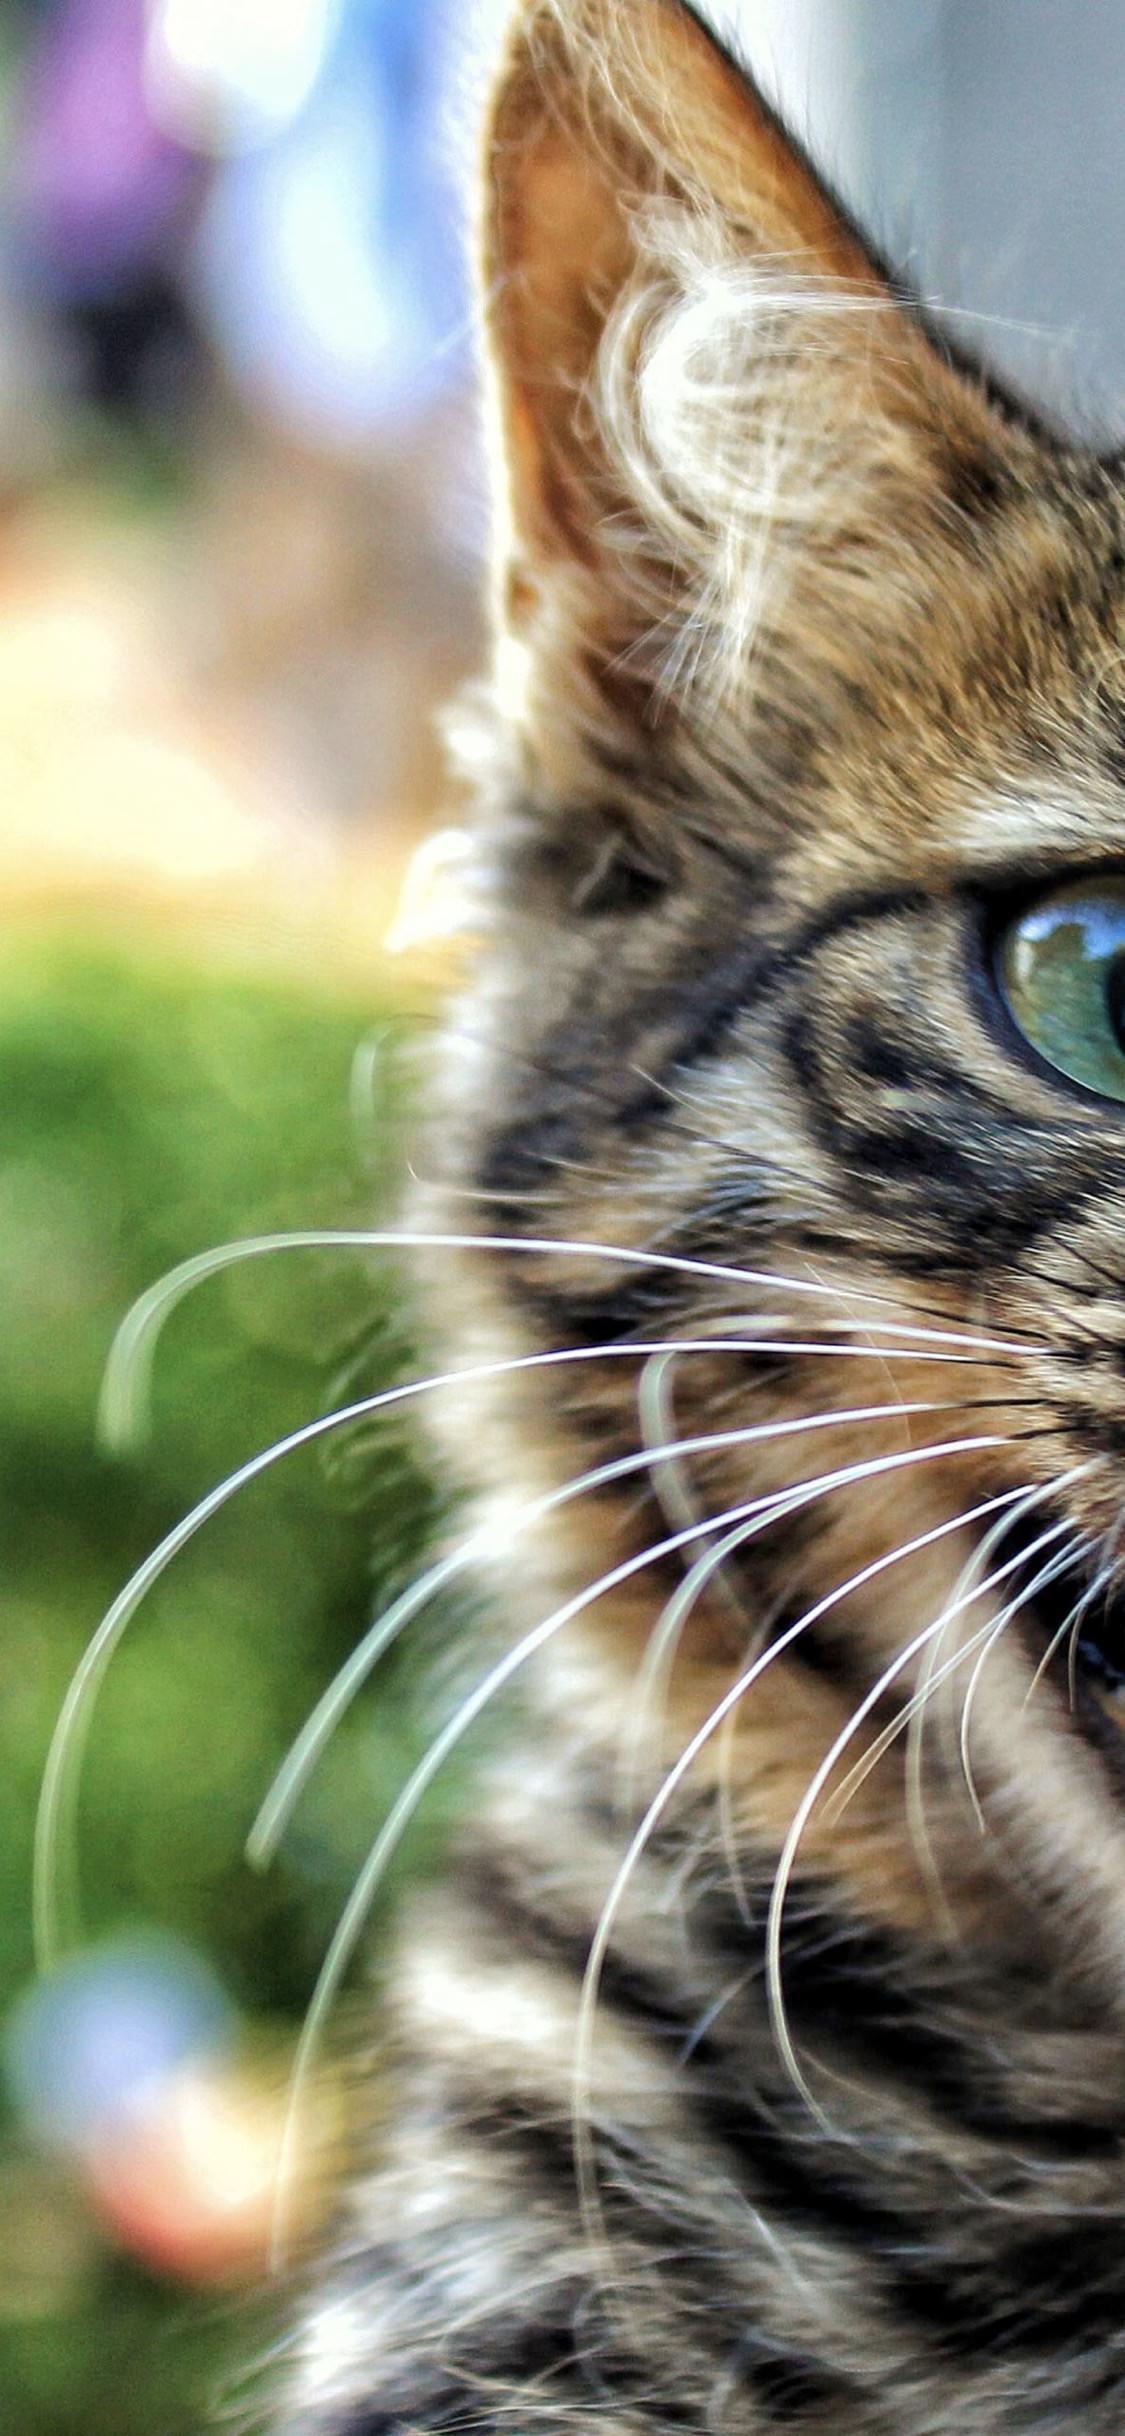 Primo piano di un gatto - Sfondi per iPhone, i migliori da scaricare gratis